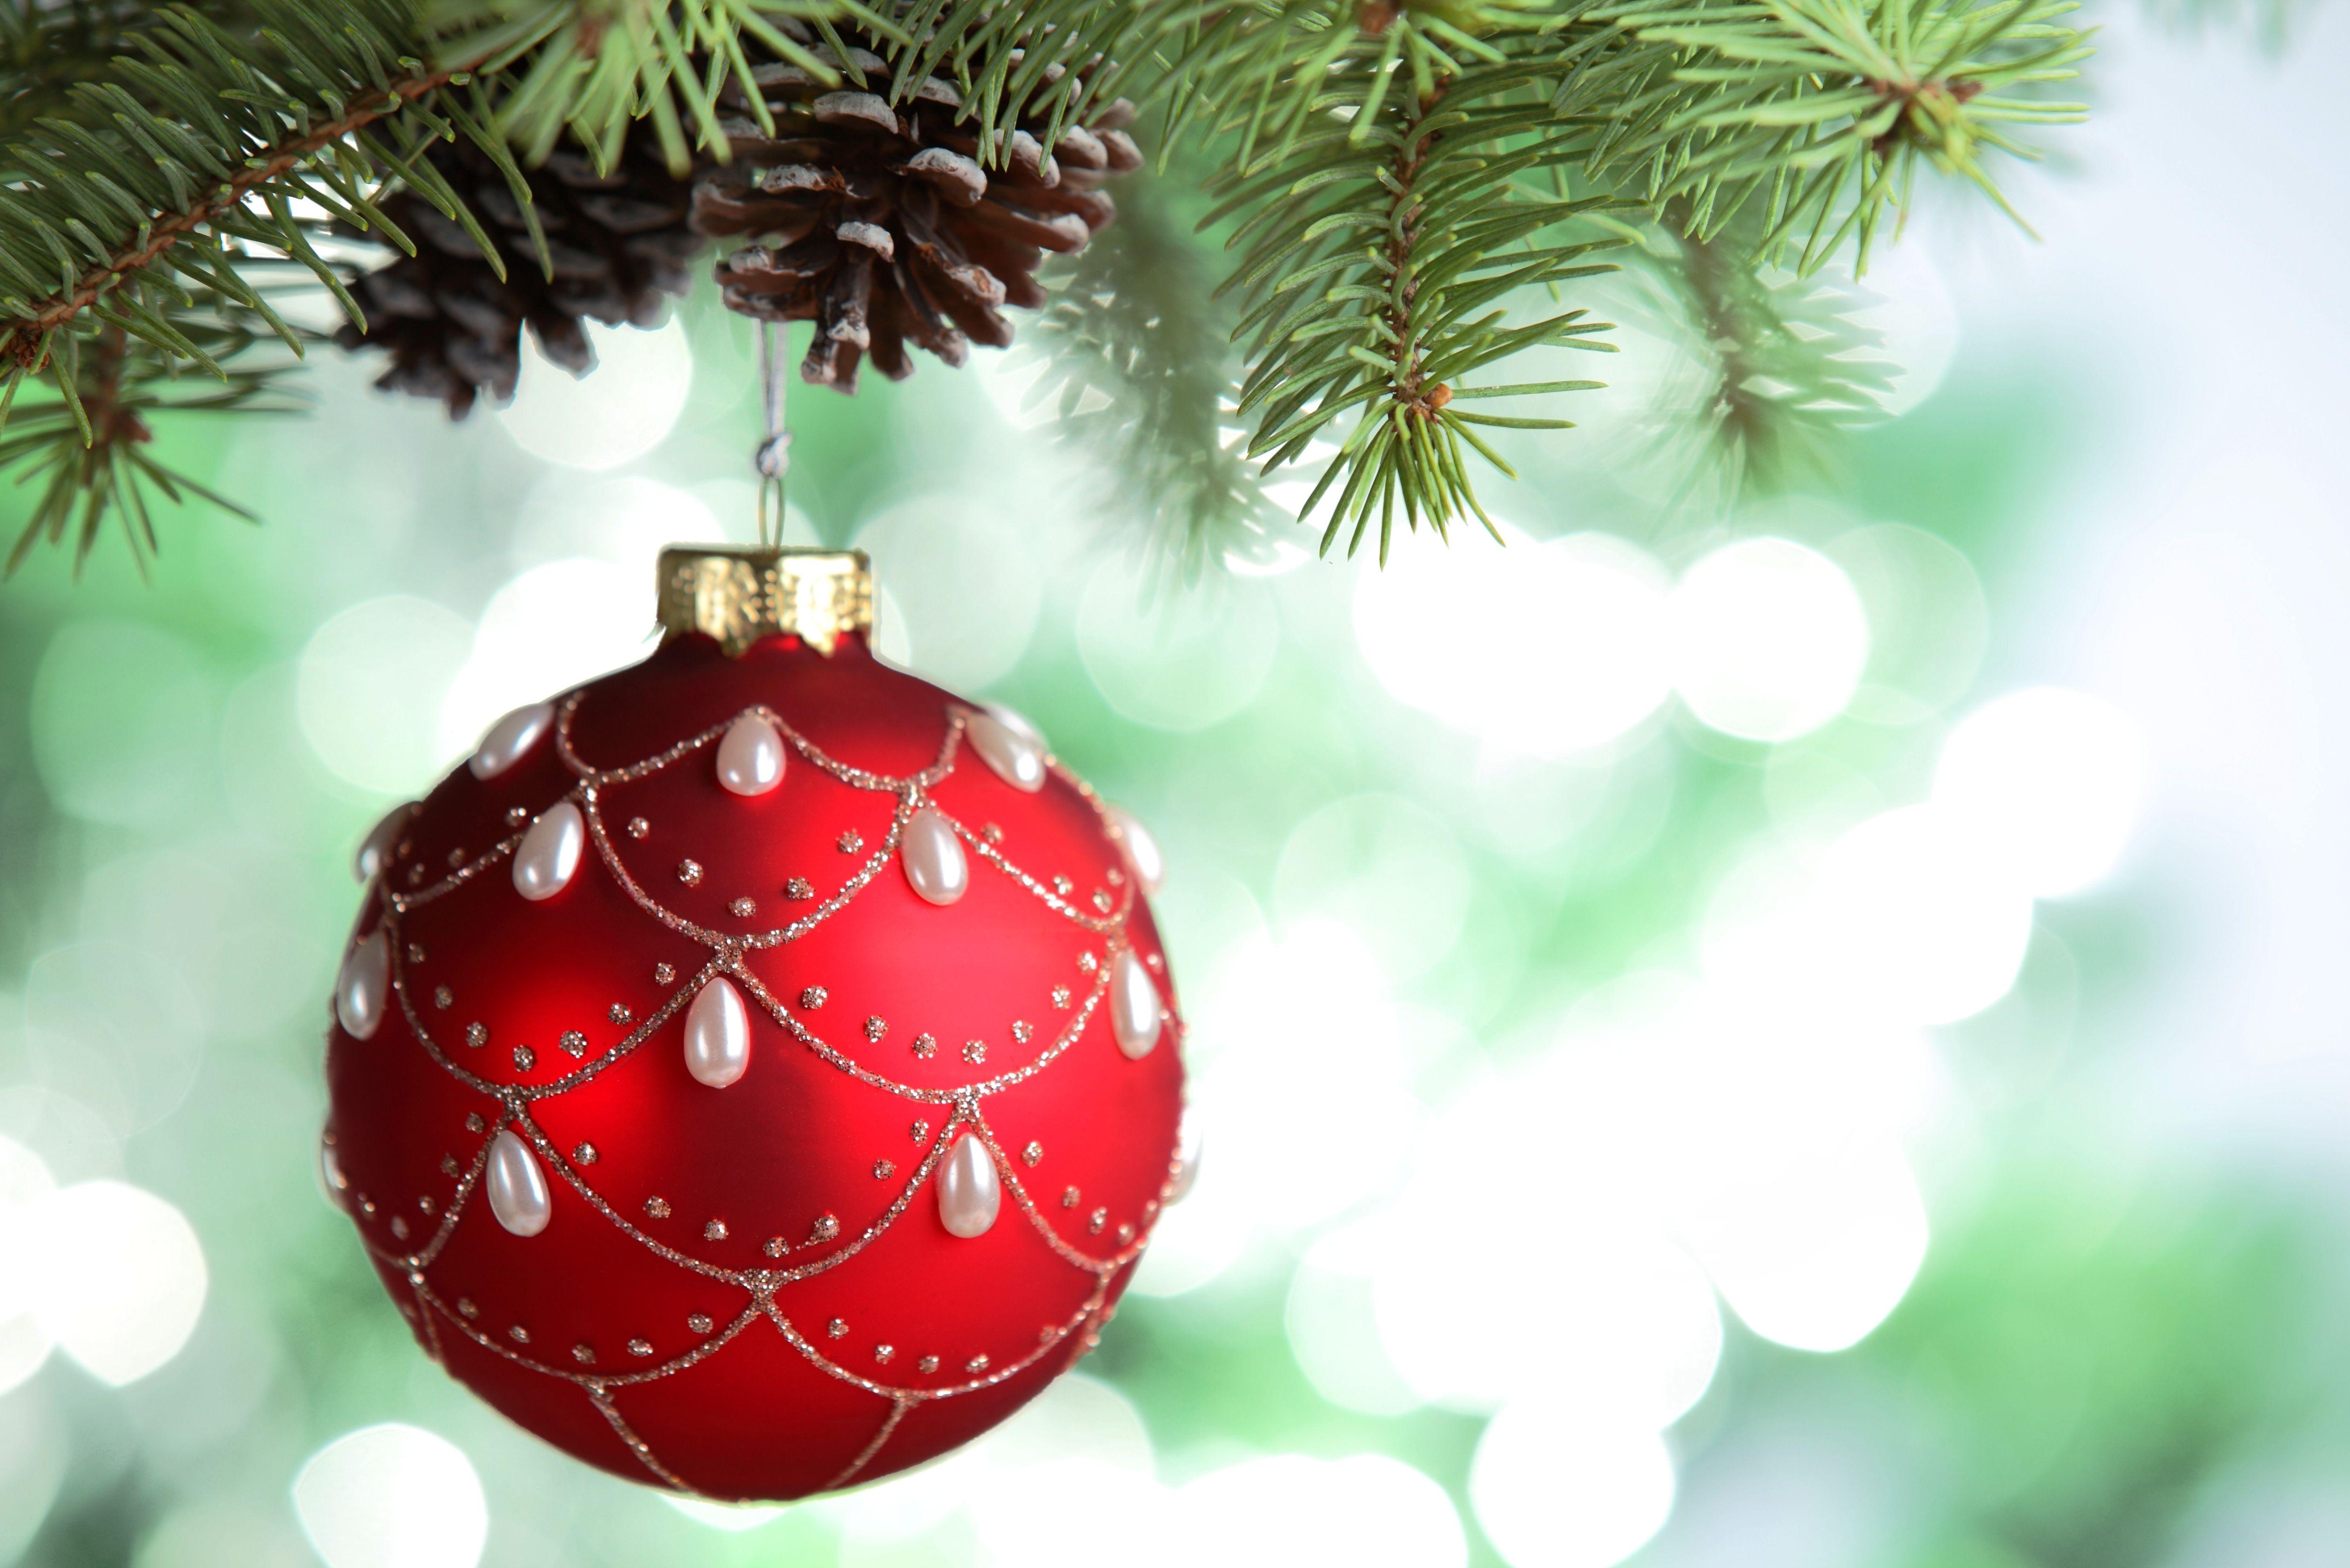 Kugel Für Tannenbaum.Fotos Neujahr Weihnachtsbaum Ast Kugeln Zapfen Feiertage 5050x3370